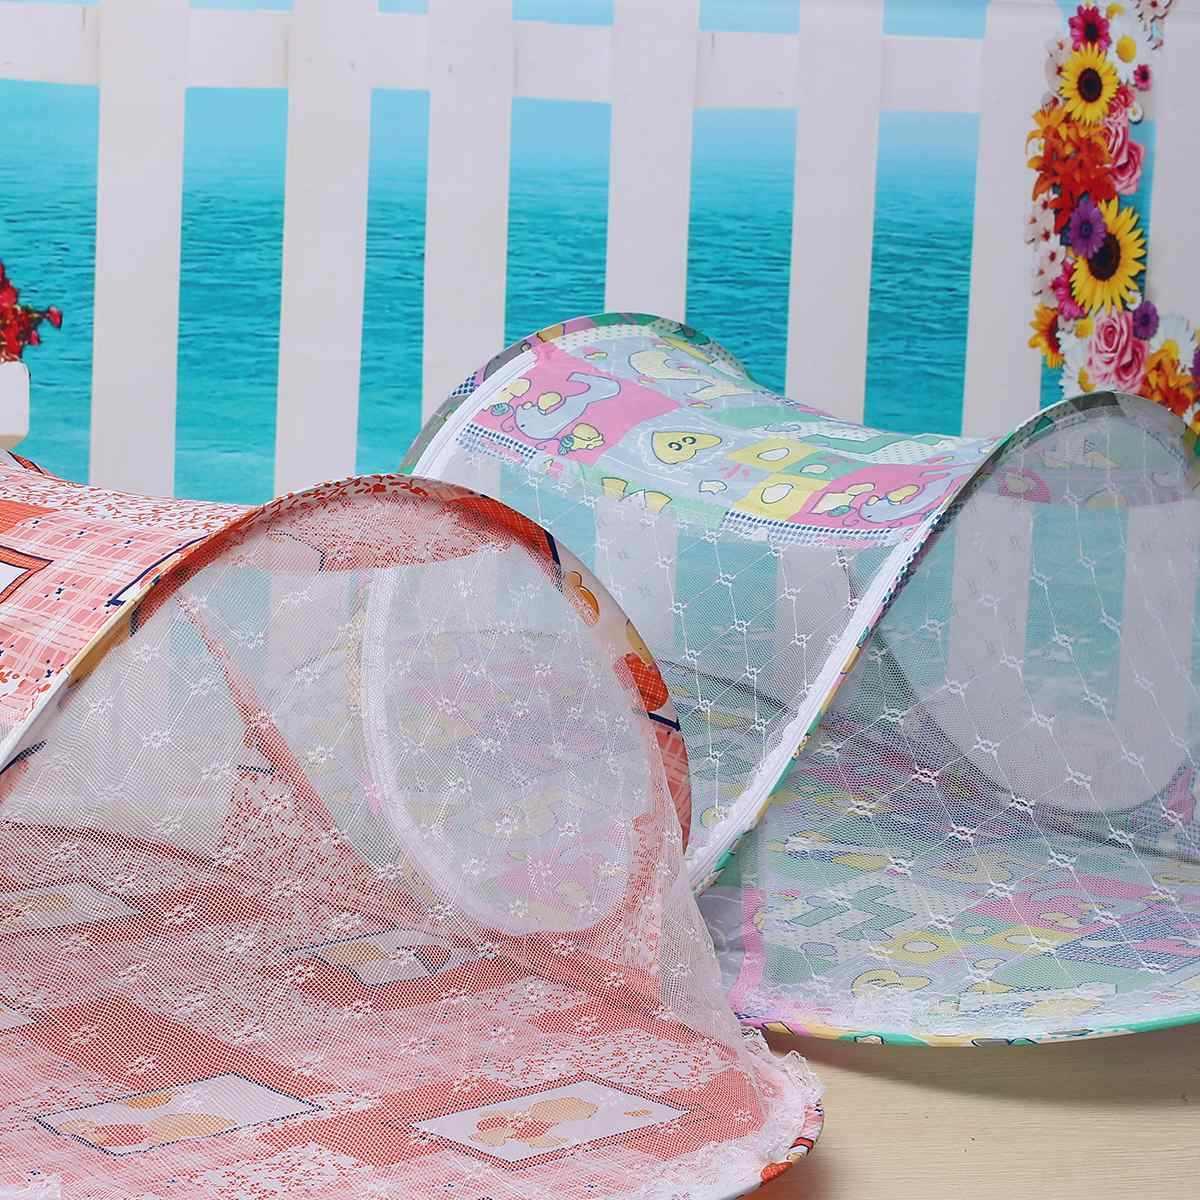 110x60x38 см складной мультфильм для маленьких детей сетки от комаров Ger балдахин на кровать матрас милый розовый зеленый палатка путешествия